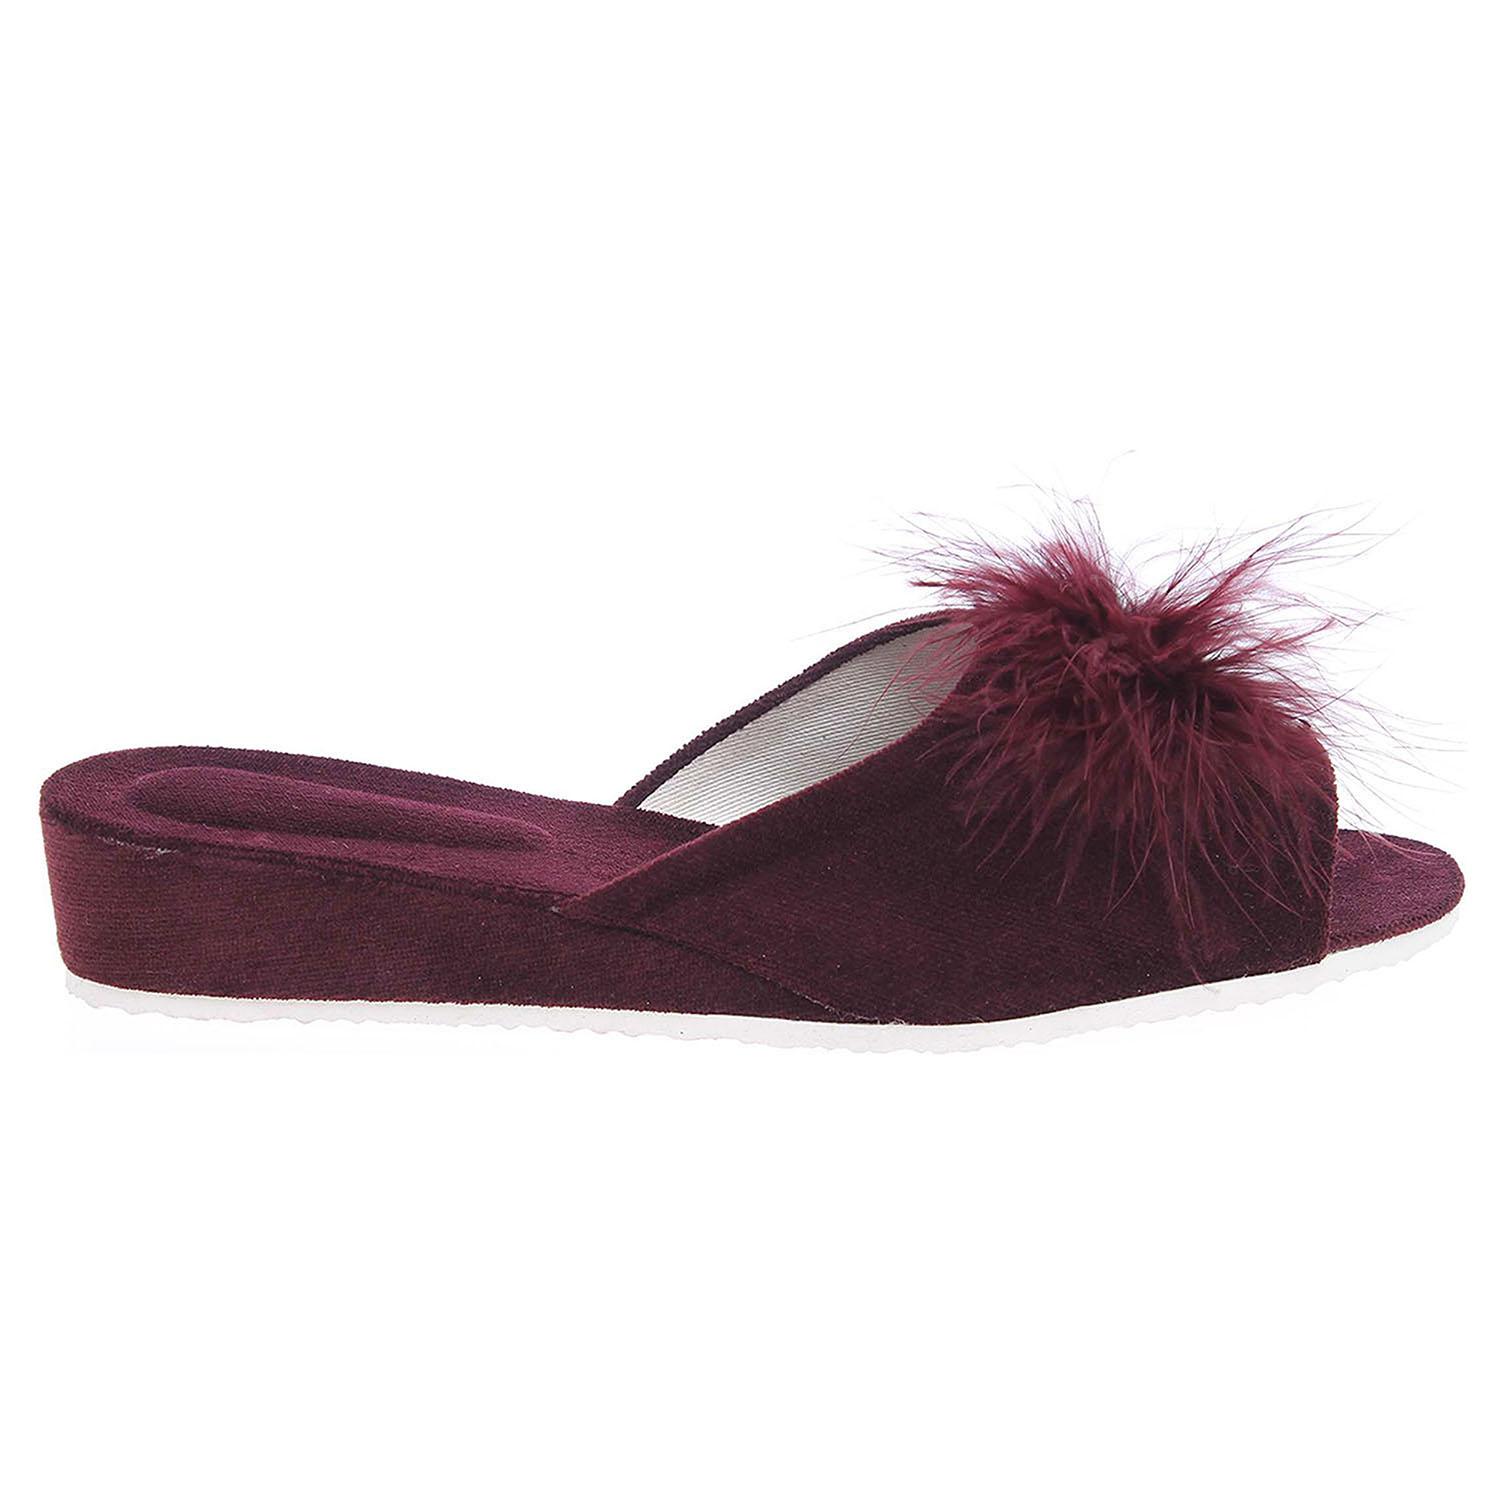 Ecco Domácí dámské pantofle 1031.00 vínové 23500431